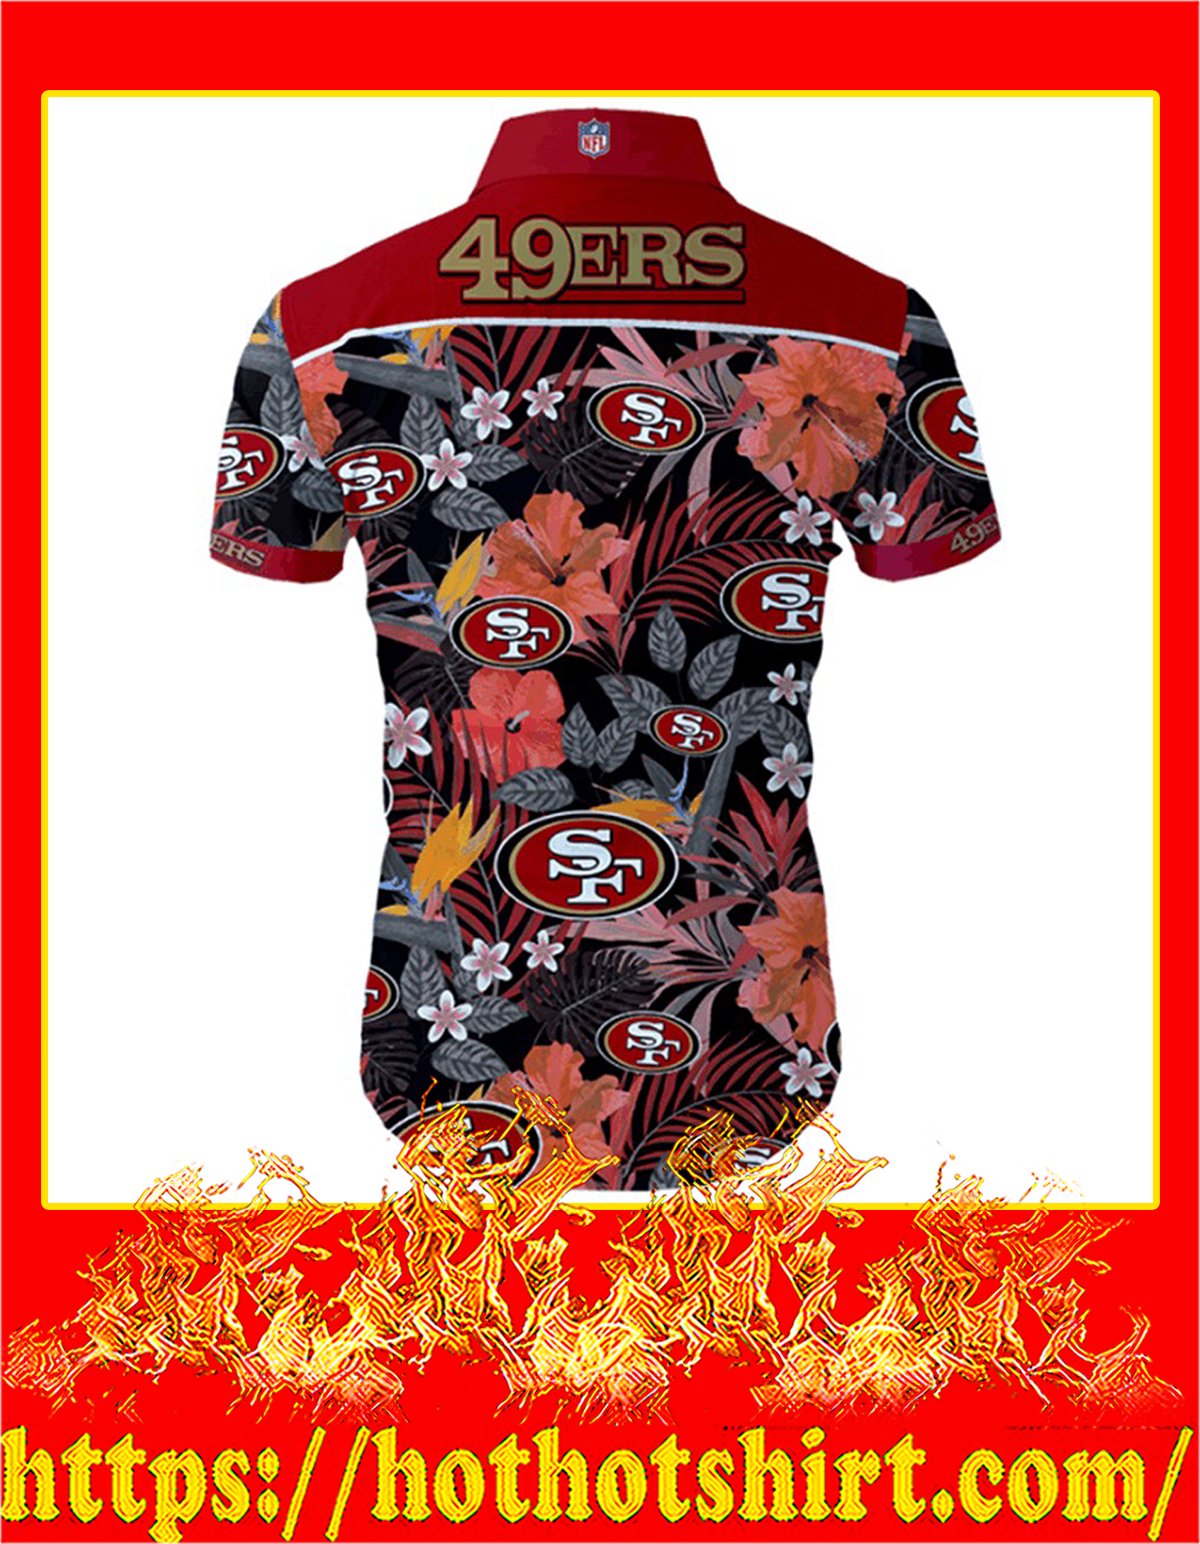 San francisco 49ers hawaiian shirt - back